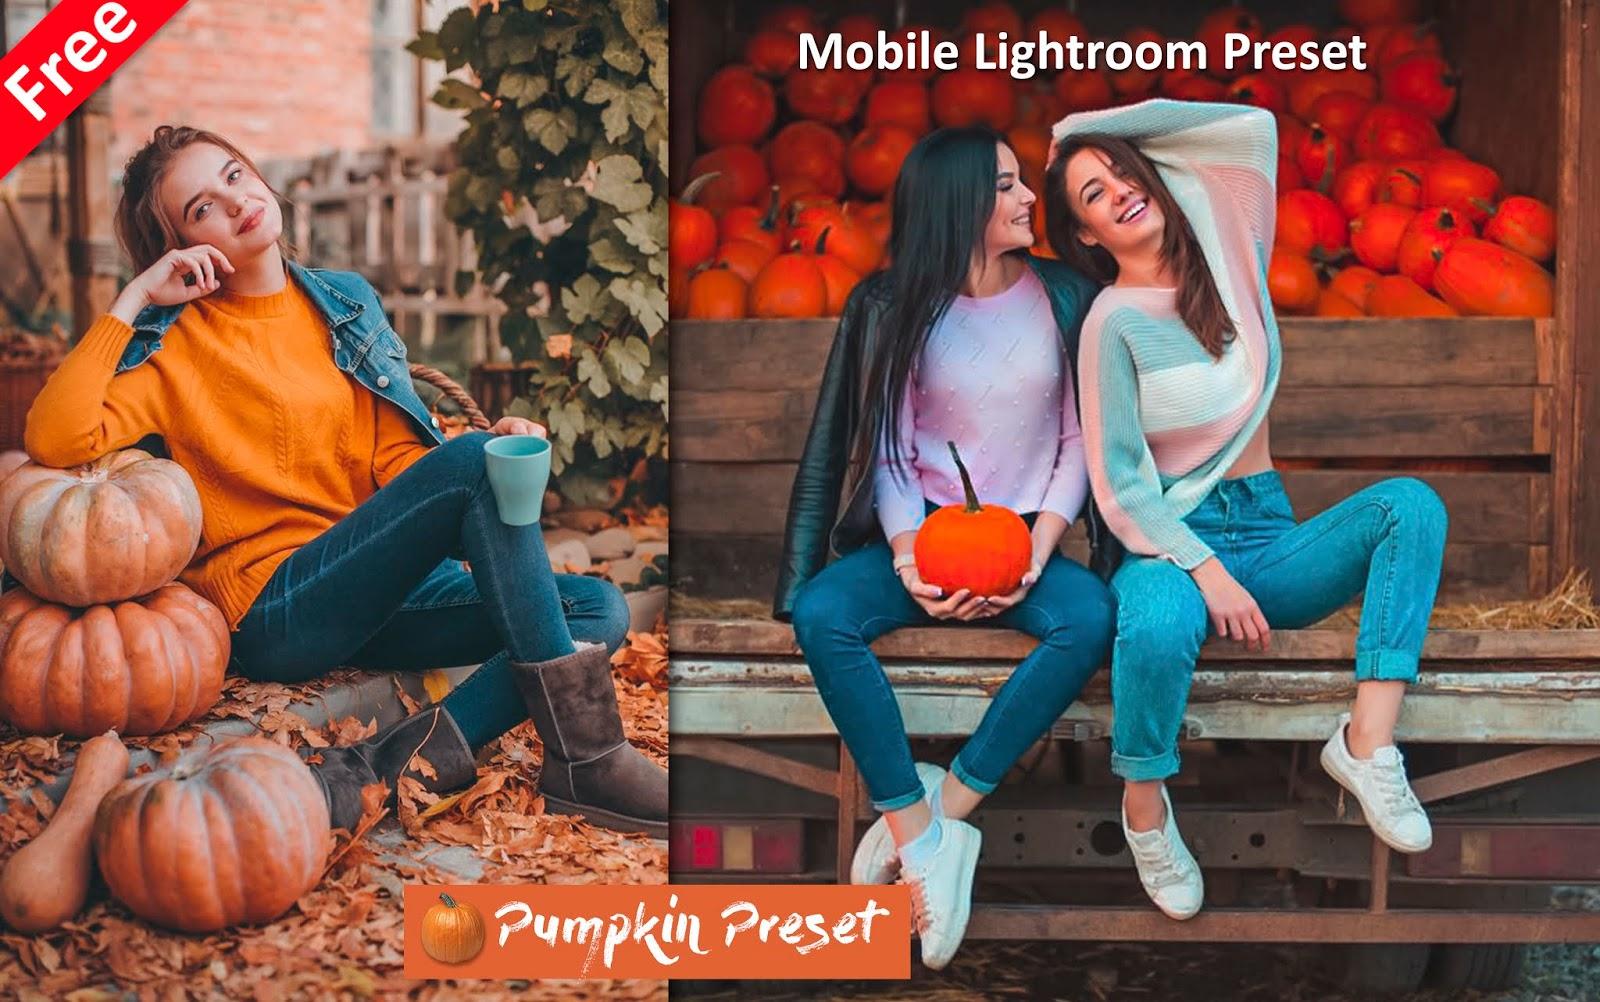 Download Pumpkin Mobile Lightroom Preset for Free | How to Edit Photos Like Pumpkin Effect in Mobile Lightroom App